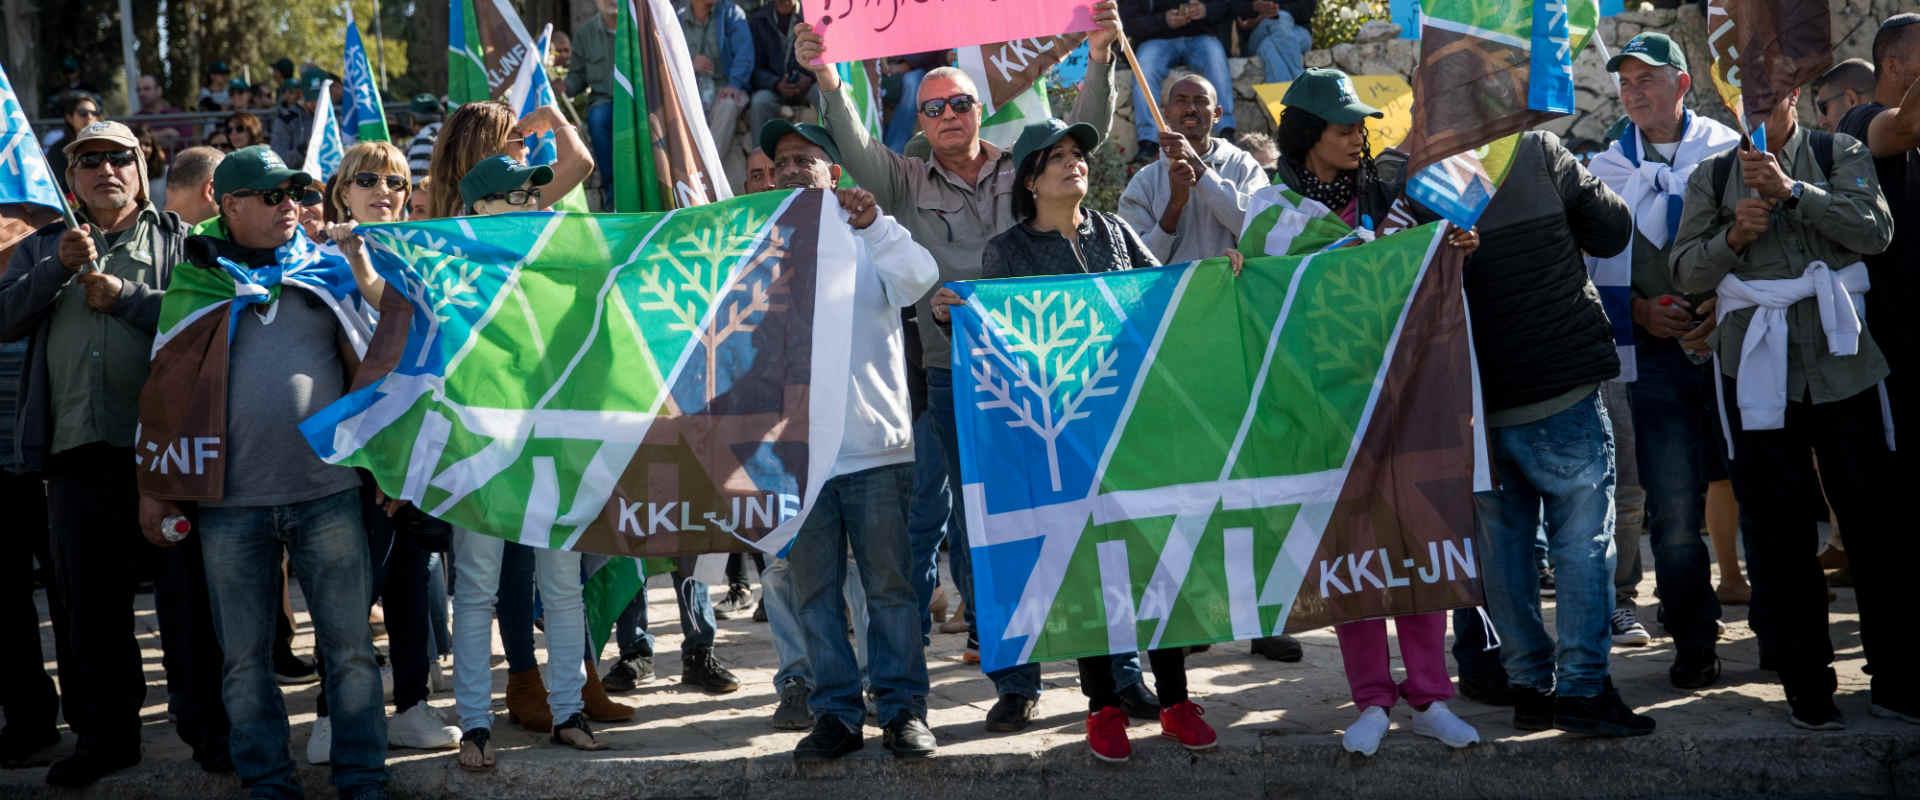 """עובדי קק""""ל מפגינים נגד העברת כספים למדינה"""